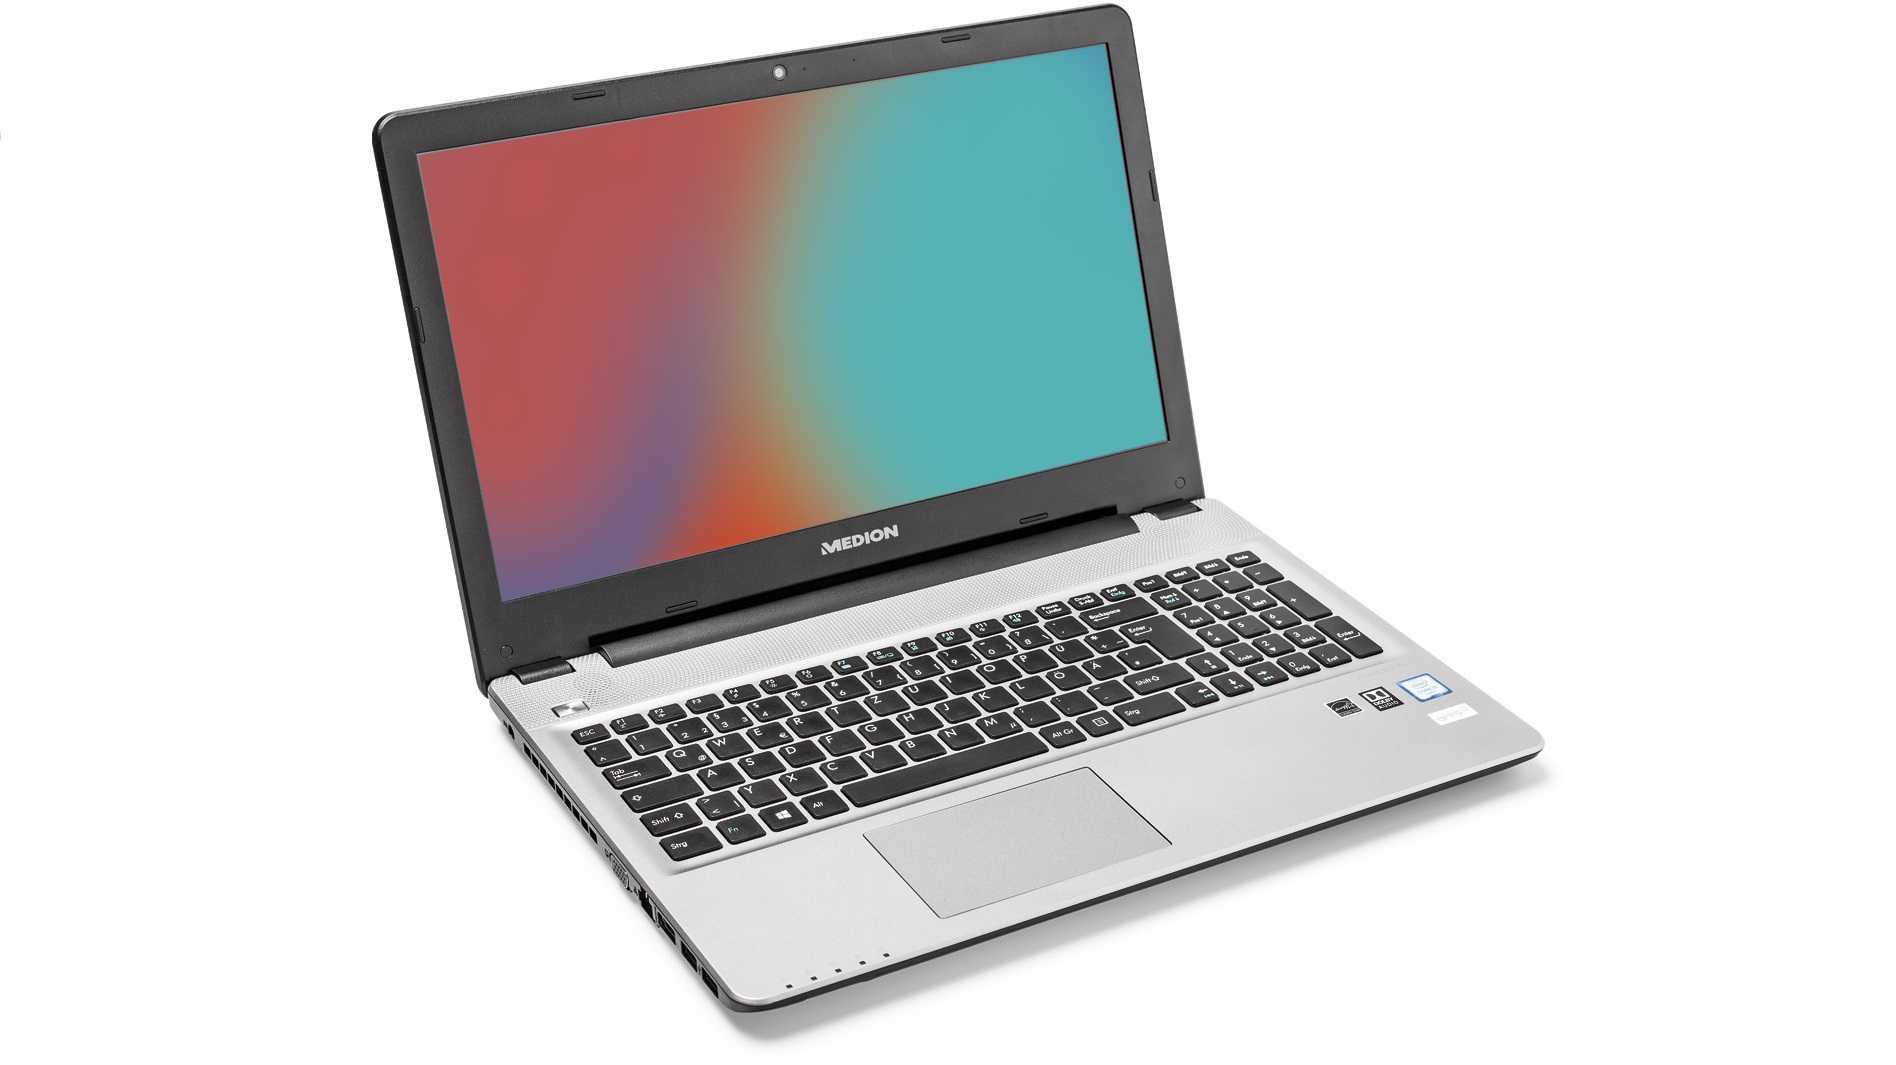 Aldi-Notebook mit schnellster Intel-GPU Iris 550